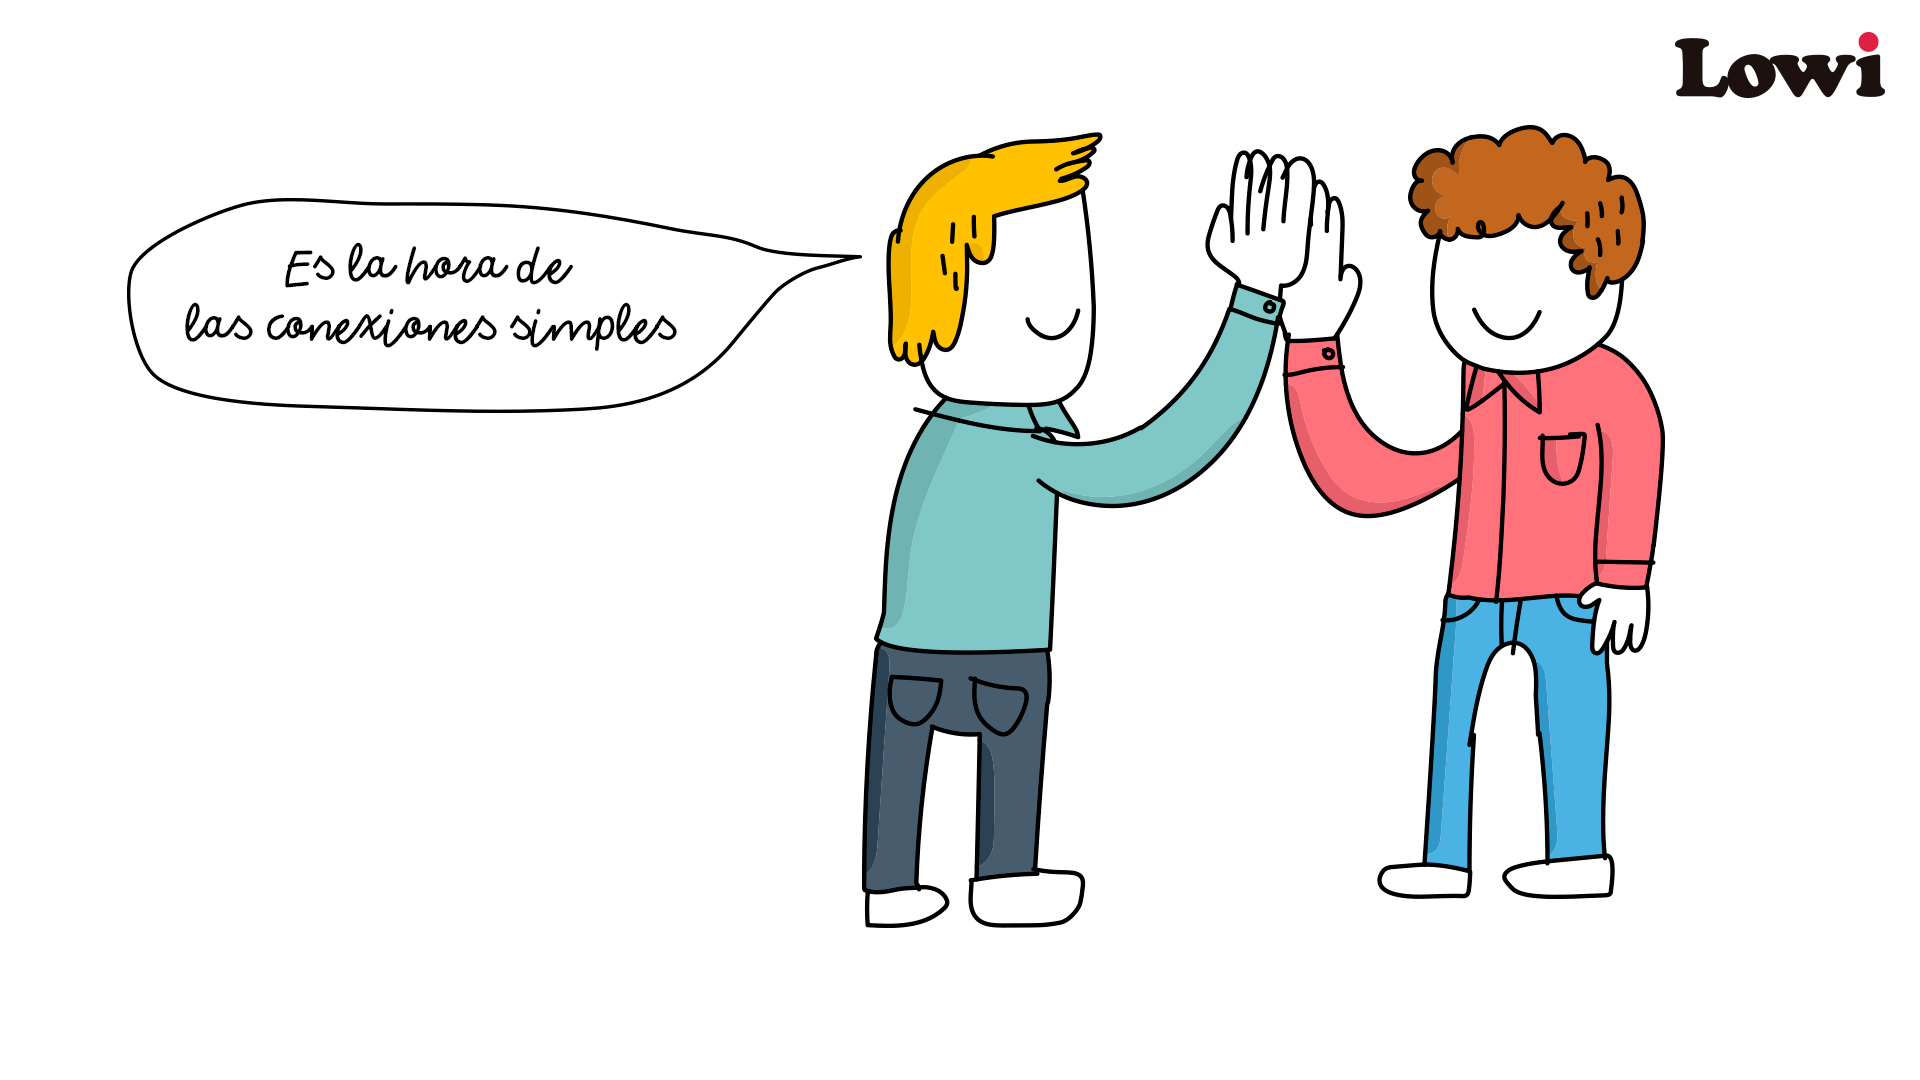 coxesiones-simples_14